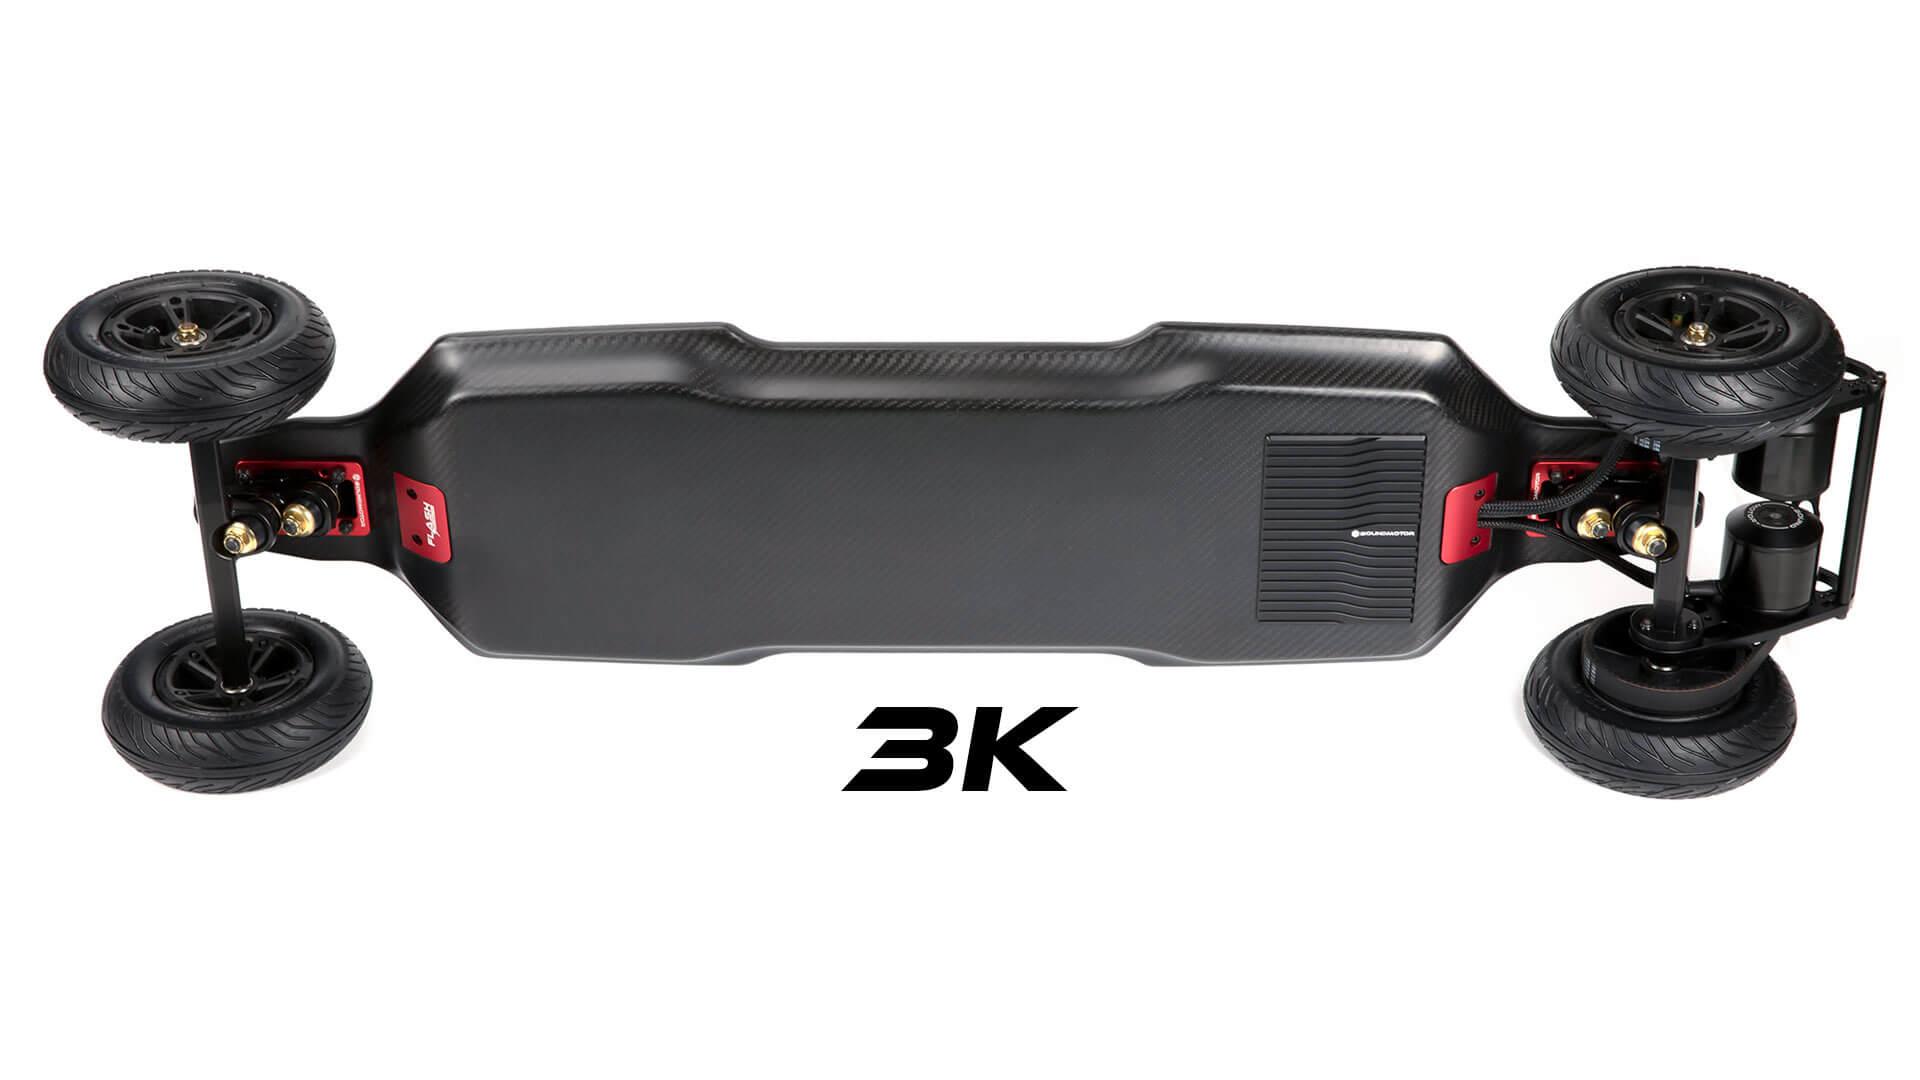 Bound Flash electric skateboard - 3k carbon fiber deck